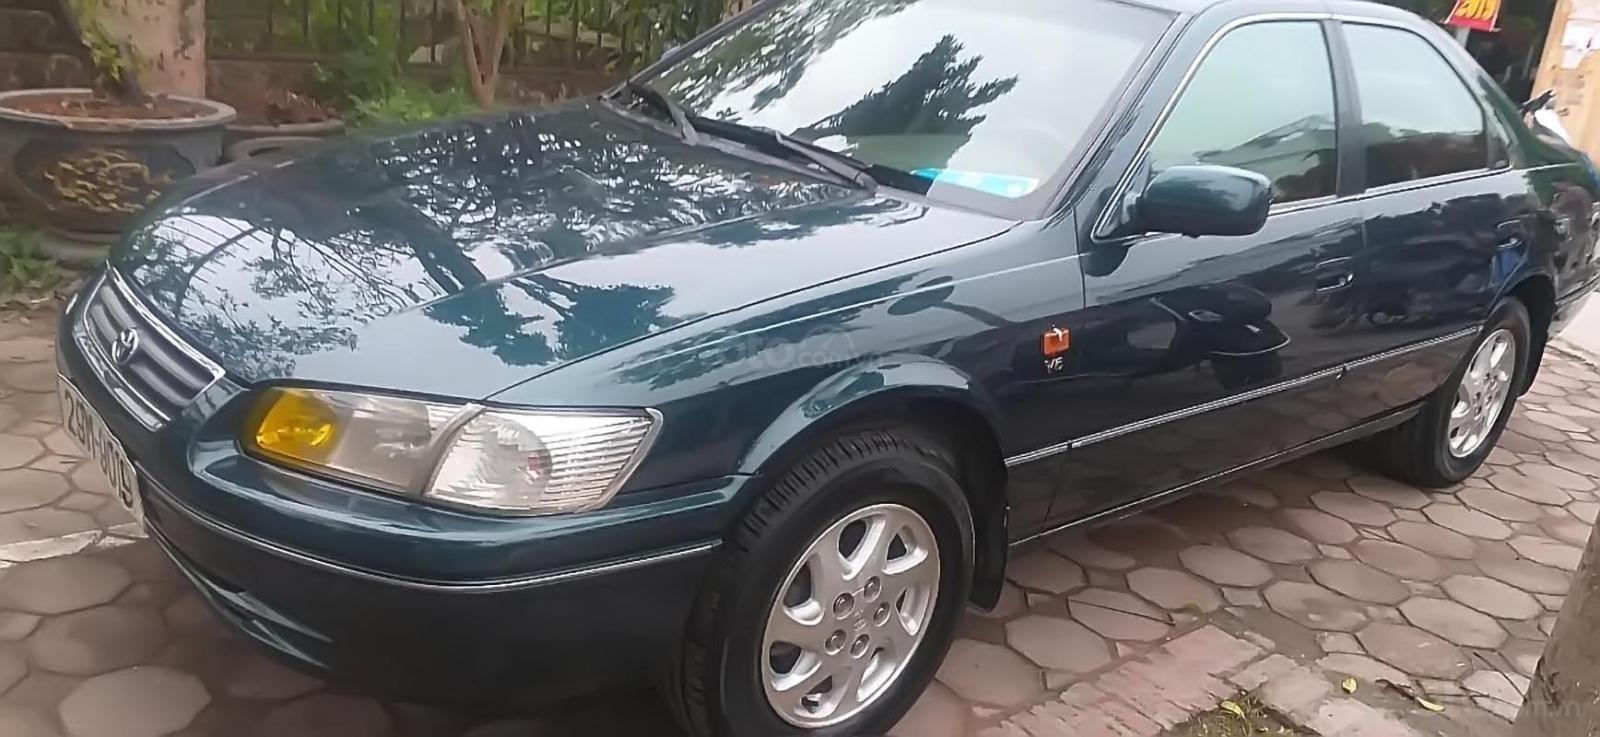 Cần bán lại xe Toyota Camry Grande 3.0 MT đời 2001, màu xanh lam, xe đẹp-0